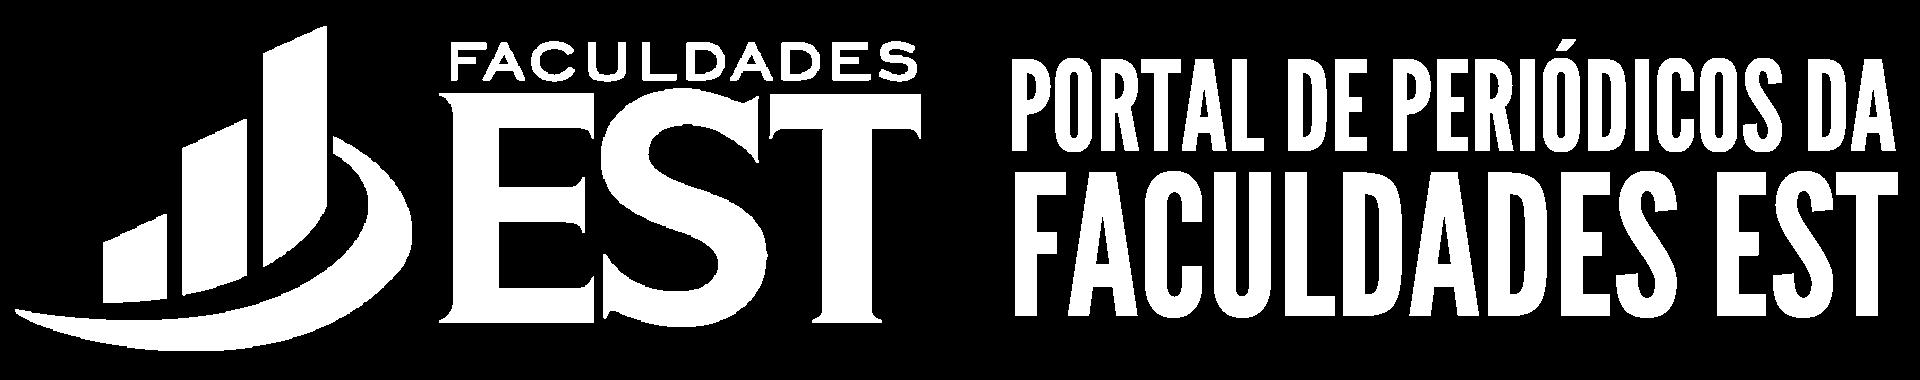 Logo periódicos da Faculdades EST